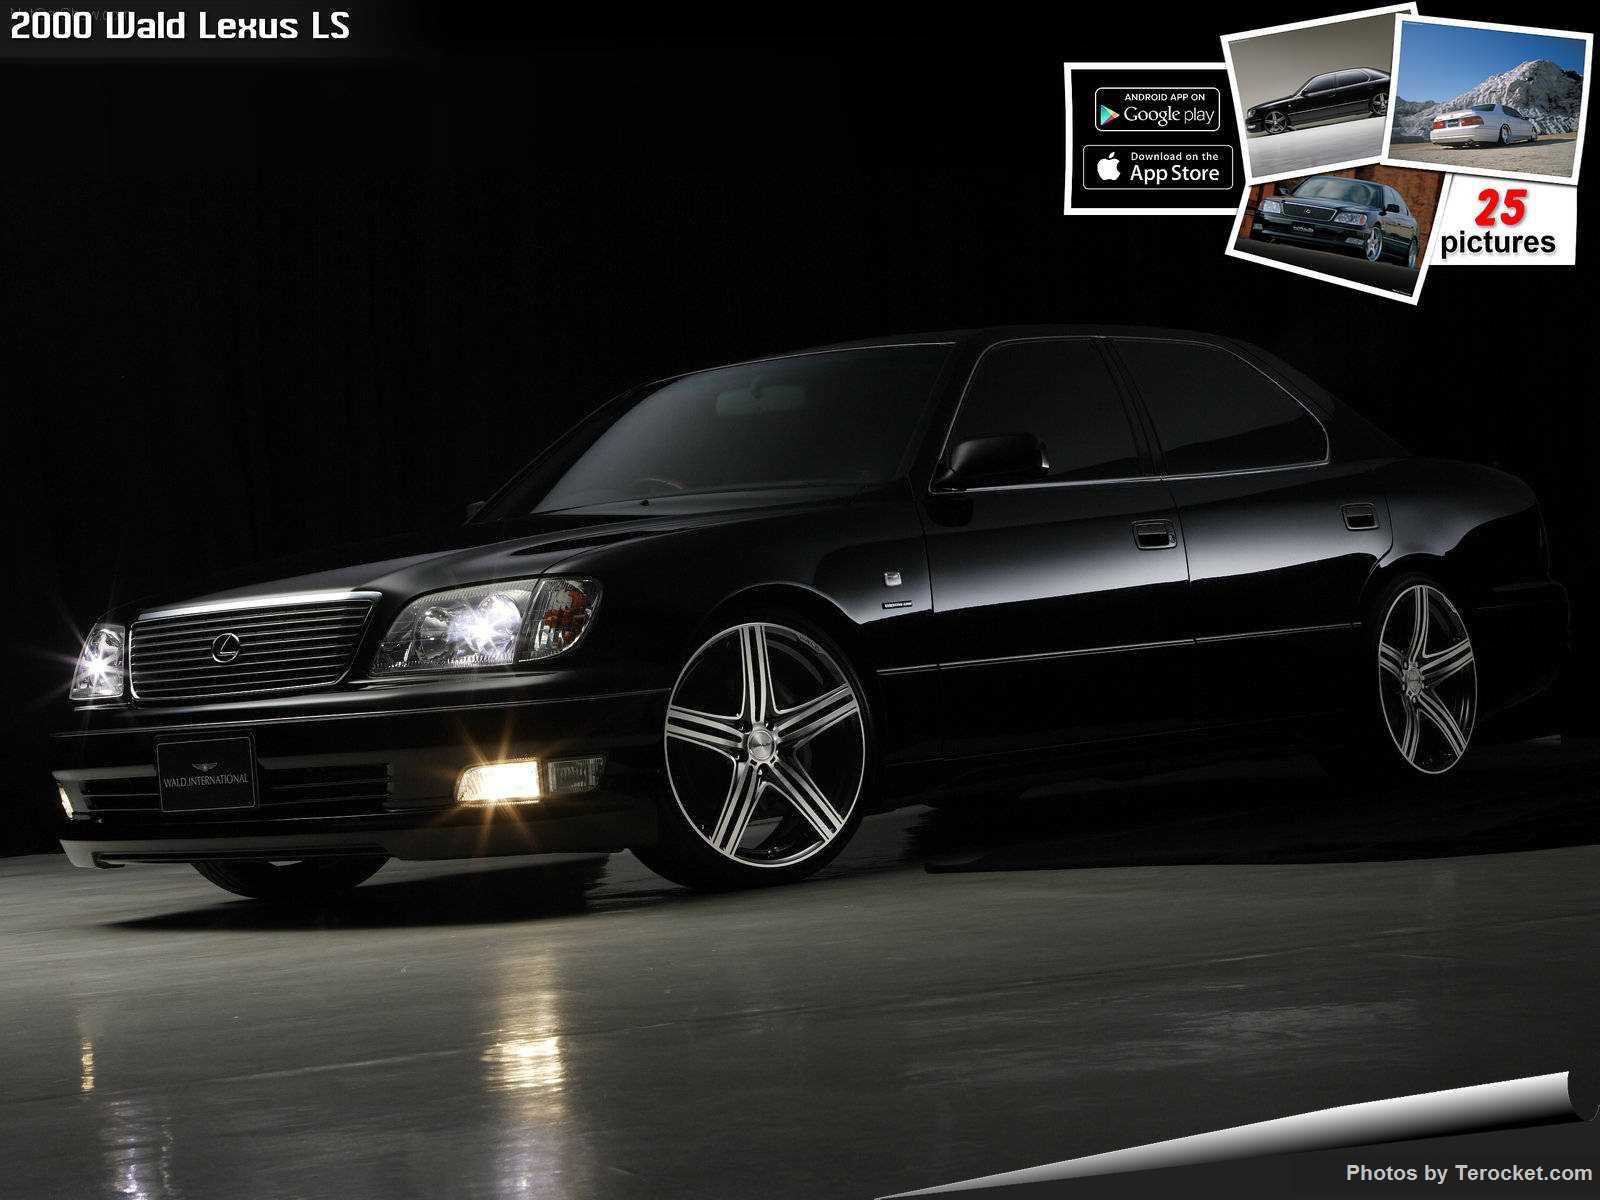 Hình ảnh xe độ Wald Lexus LS 2000 & nội ngoại thất